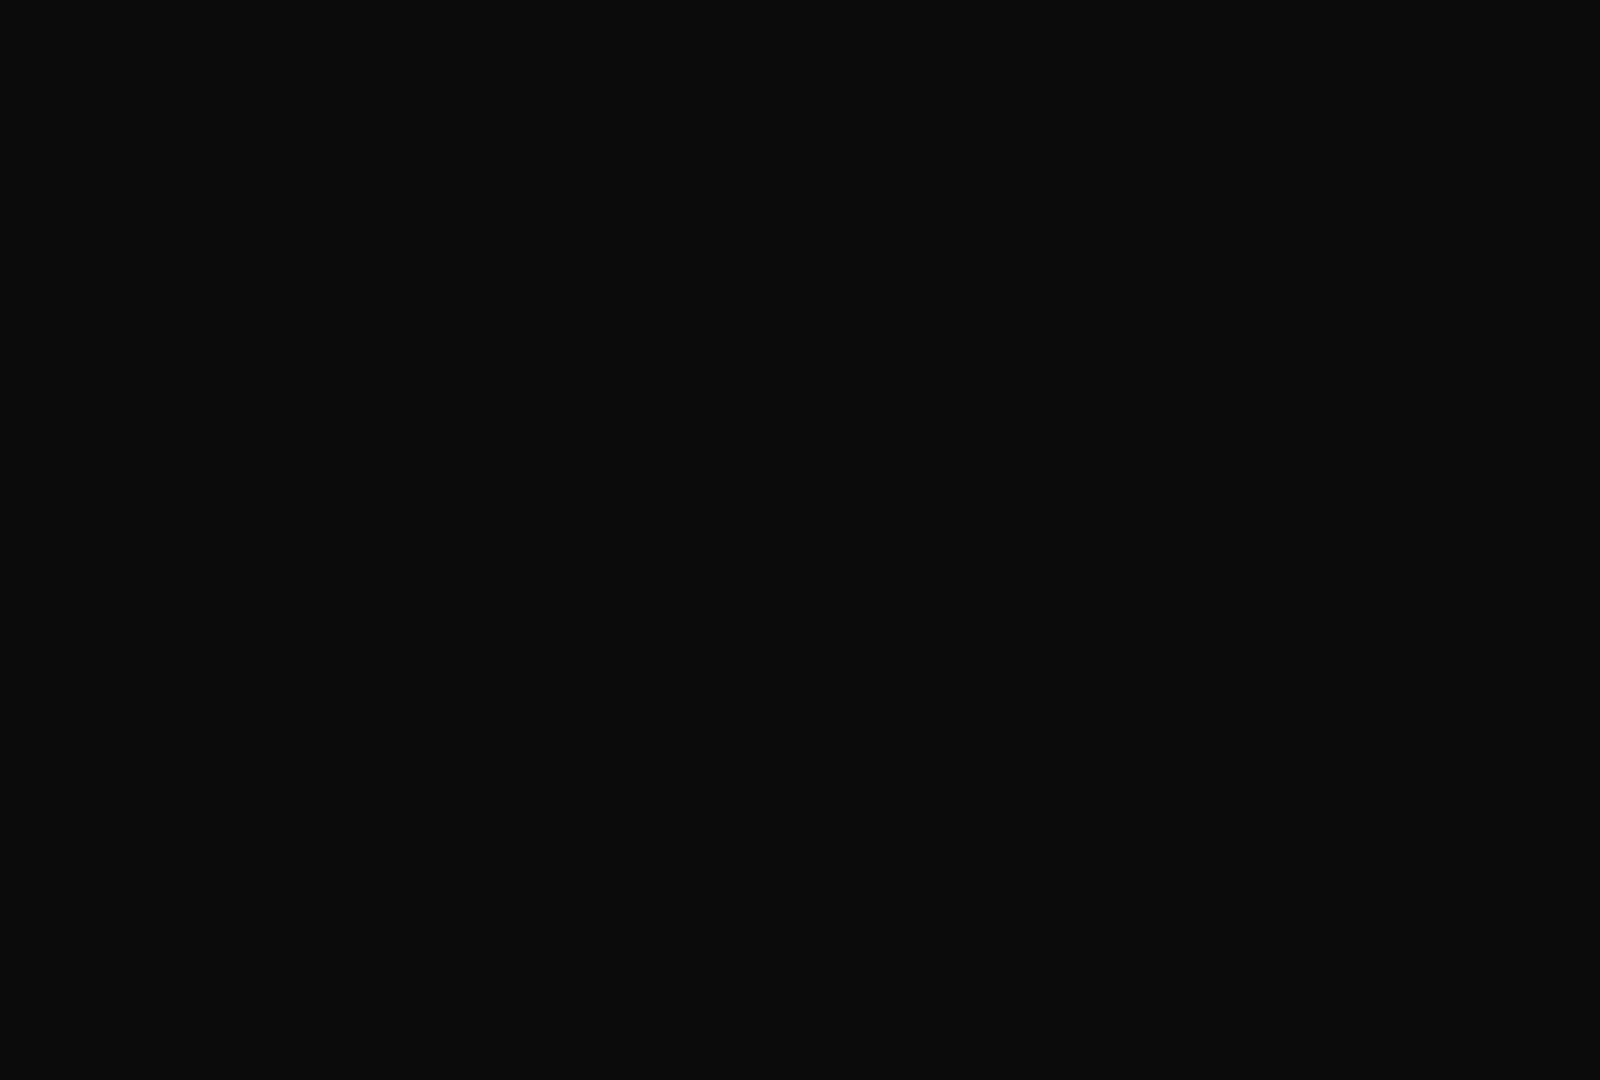 充血監督の深夜の運動会Vol.82 OLセックス | お姉さんヌード  108画像 61